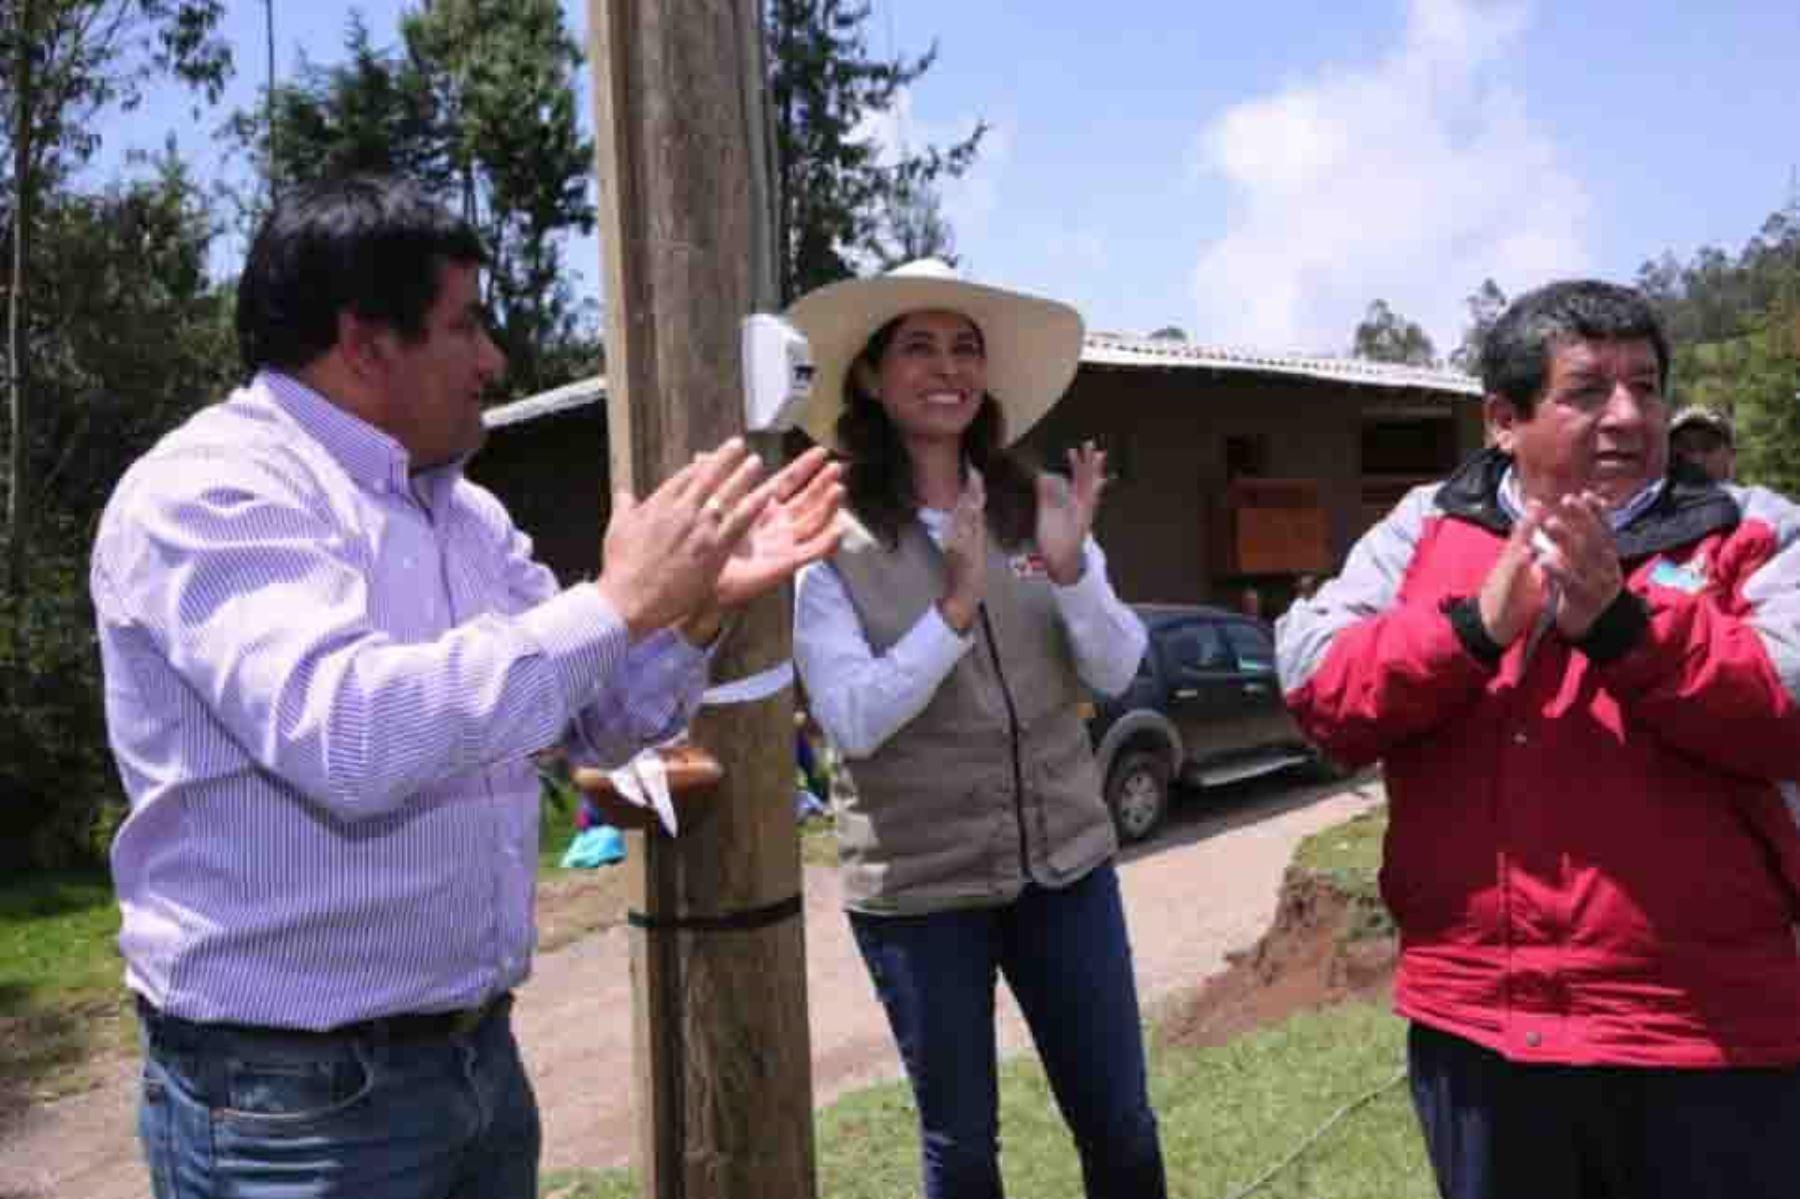 La ministra de Energía y Minas, Ángela Grossheim, inauguró hoy el Sistema Eléctrico Rural Chilete-V Etapa, que beneficiará a 107 localidades de la región Cajamarca, ubicadas en las provincias de San Miguel, San Pablo, Contumaza y Cajamarca.